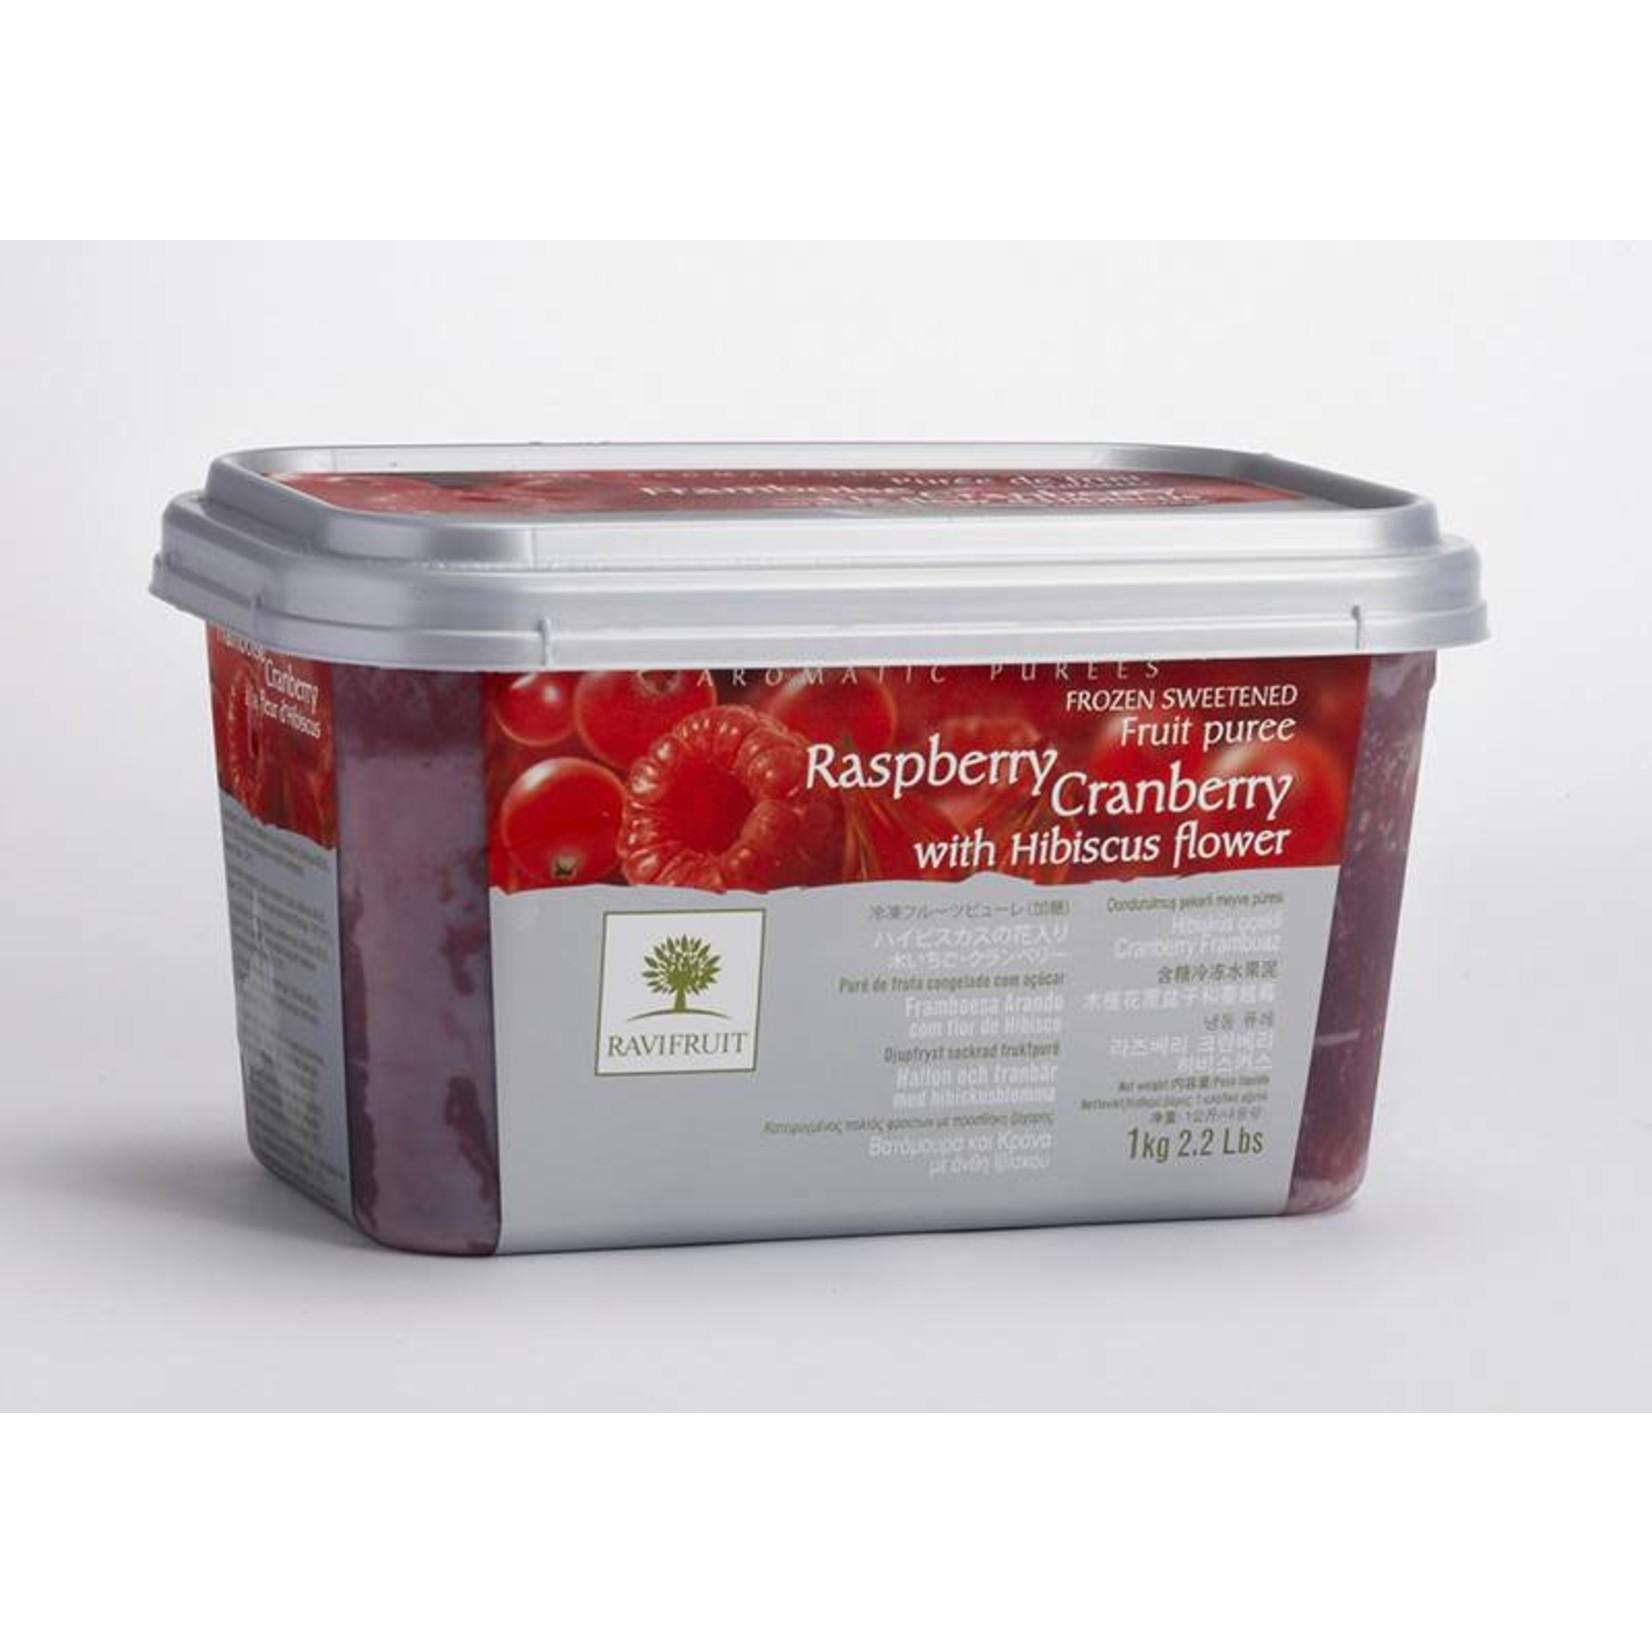 Ravifruit Ravifruit - Raspberry/Cran/Hibiscus Puree - 2.2lb, RAV992